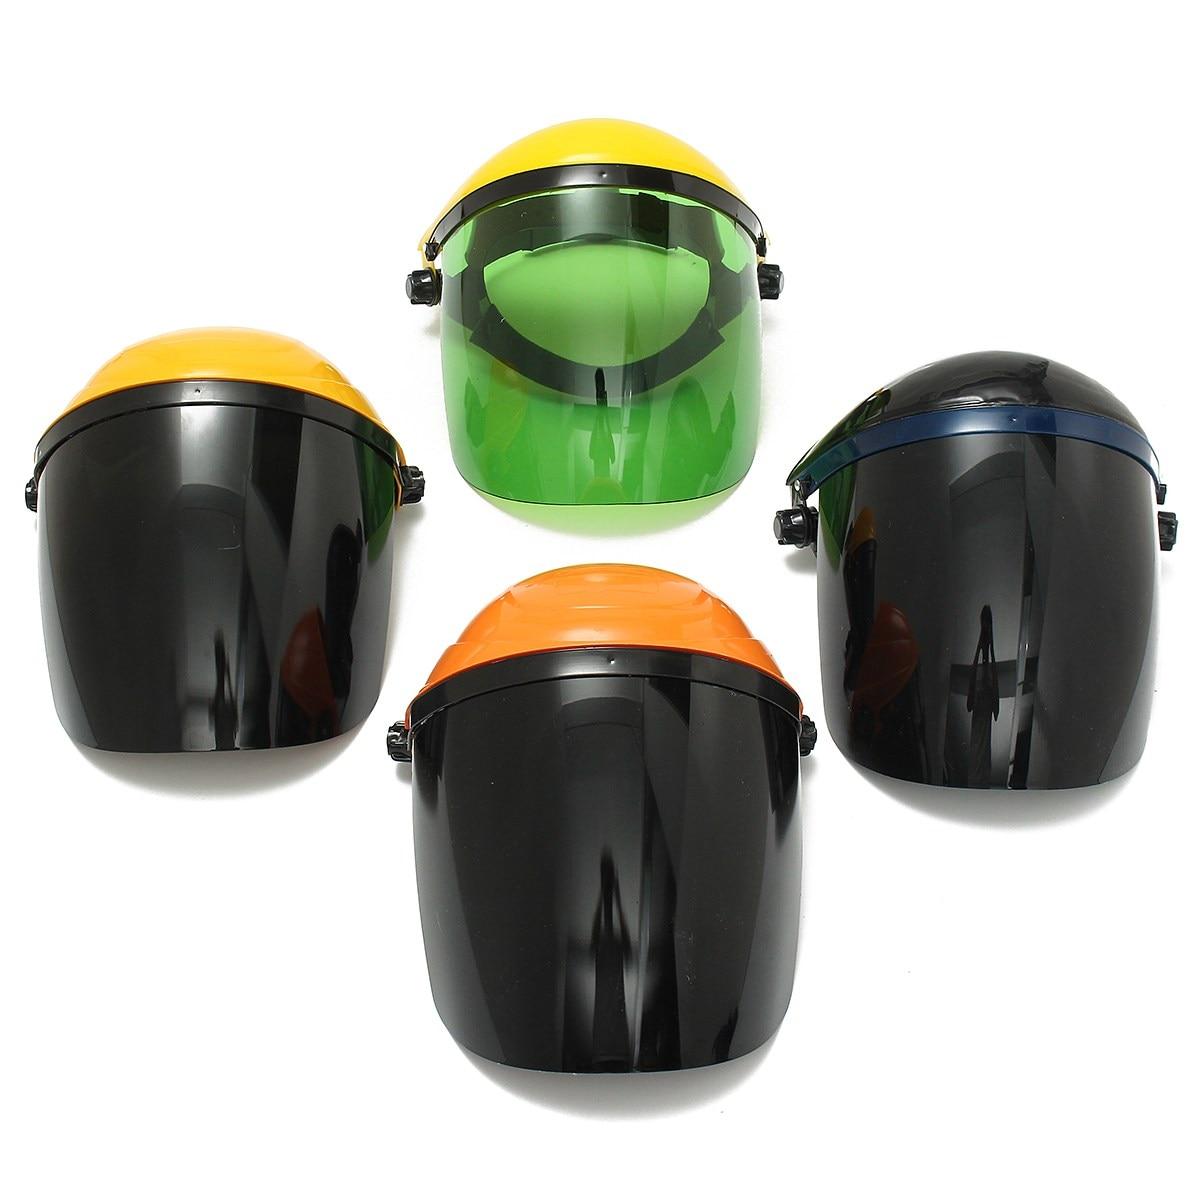 Adjustable Safety Helmet ARC TIG MIG Welder Lens Grinding Mask + Safety Goggles Workplace Safety maritime safety